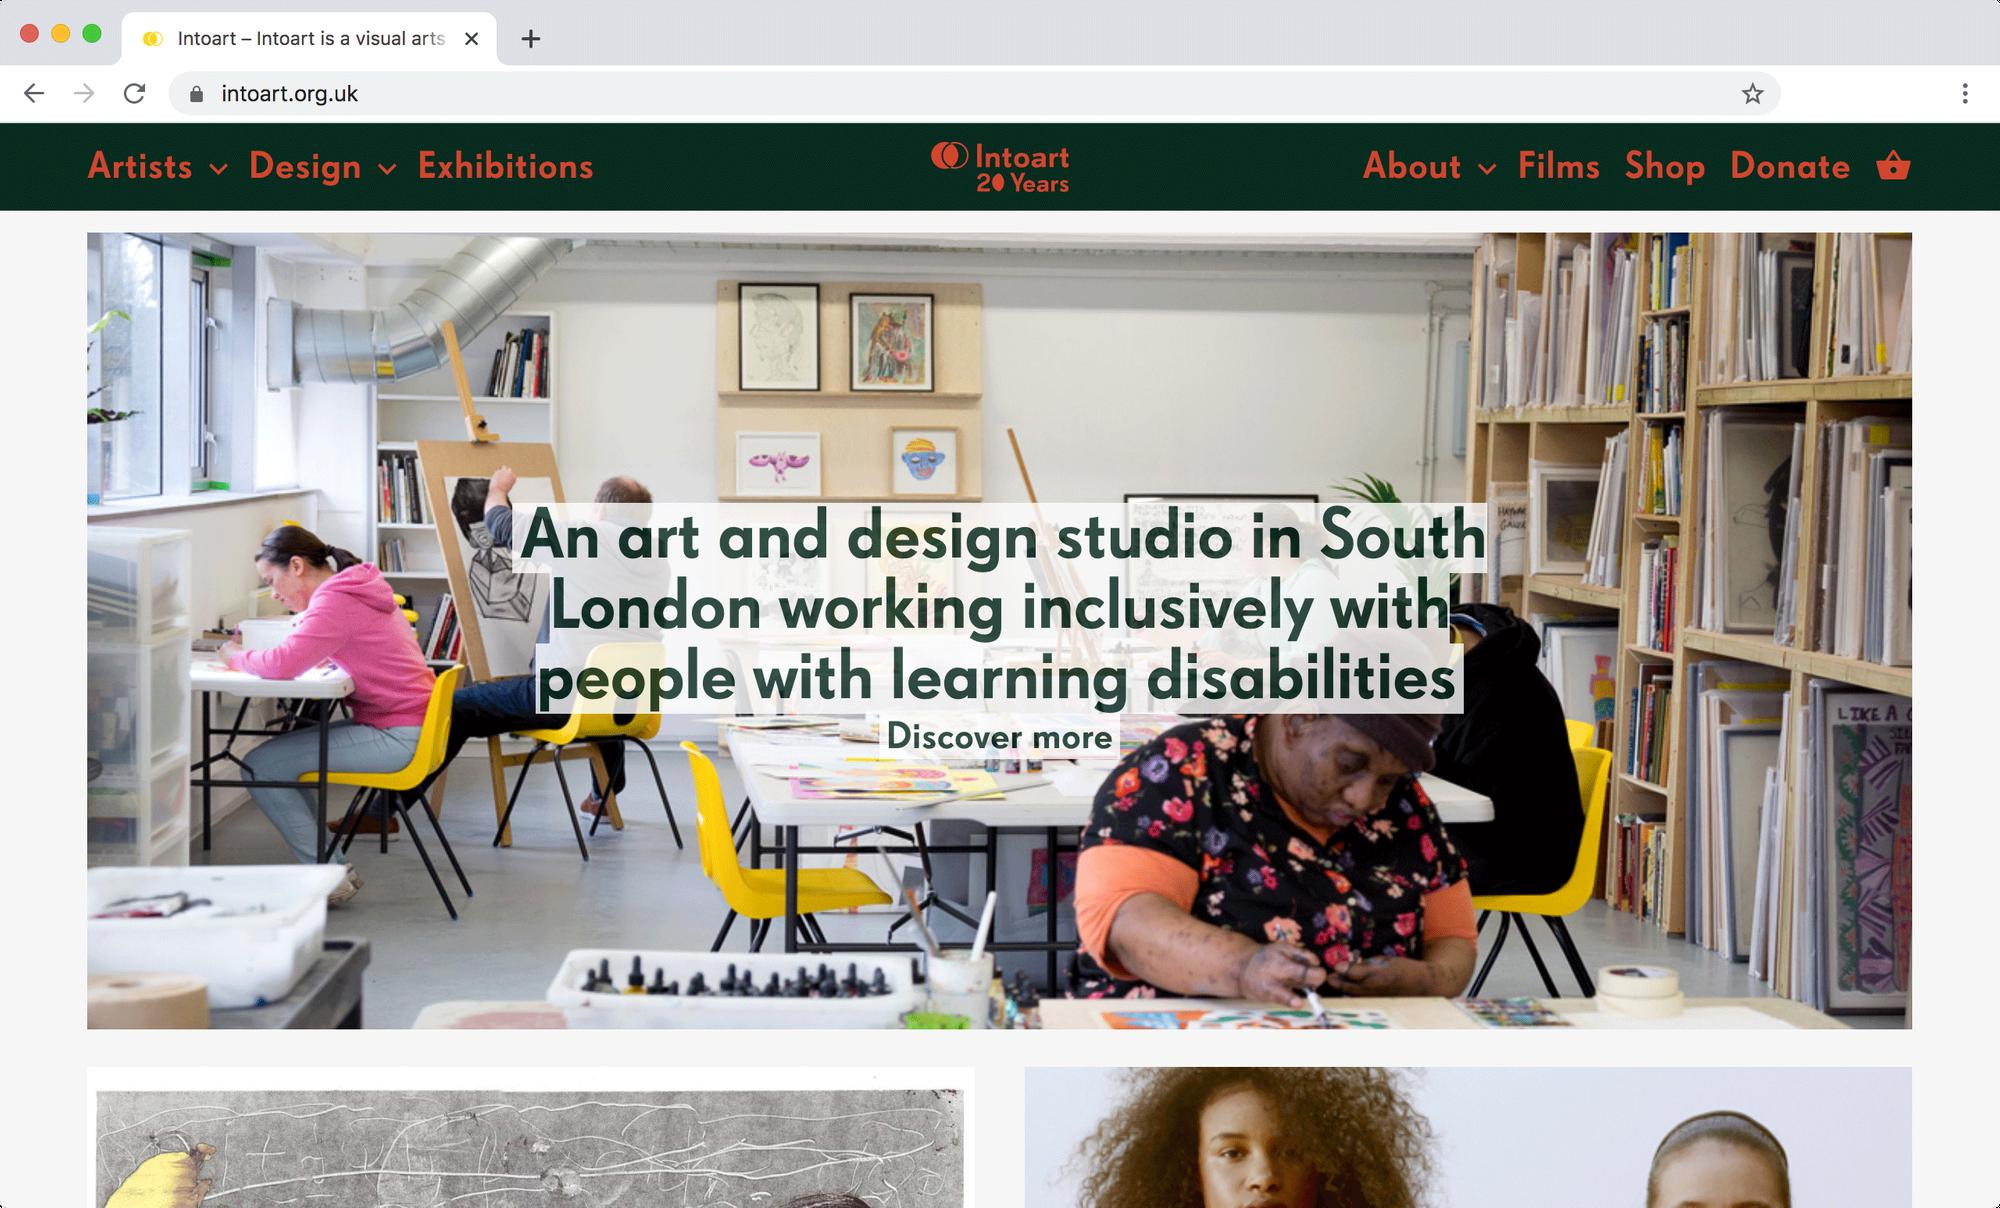 Screen grab of Intoart website.